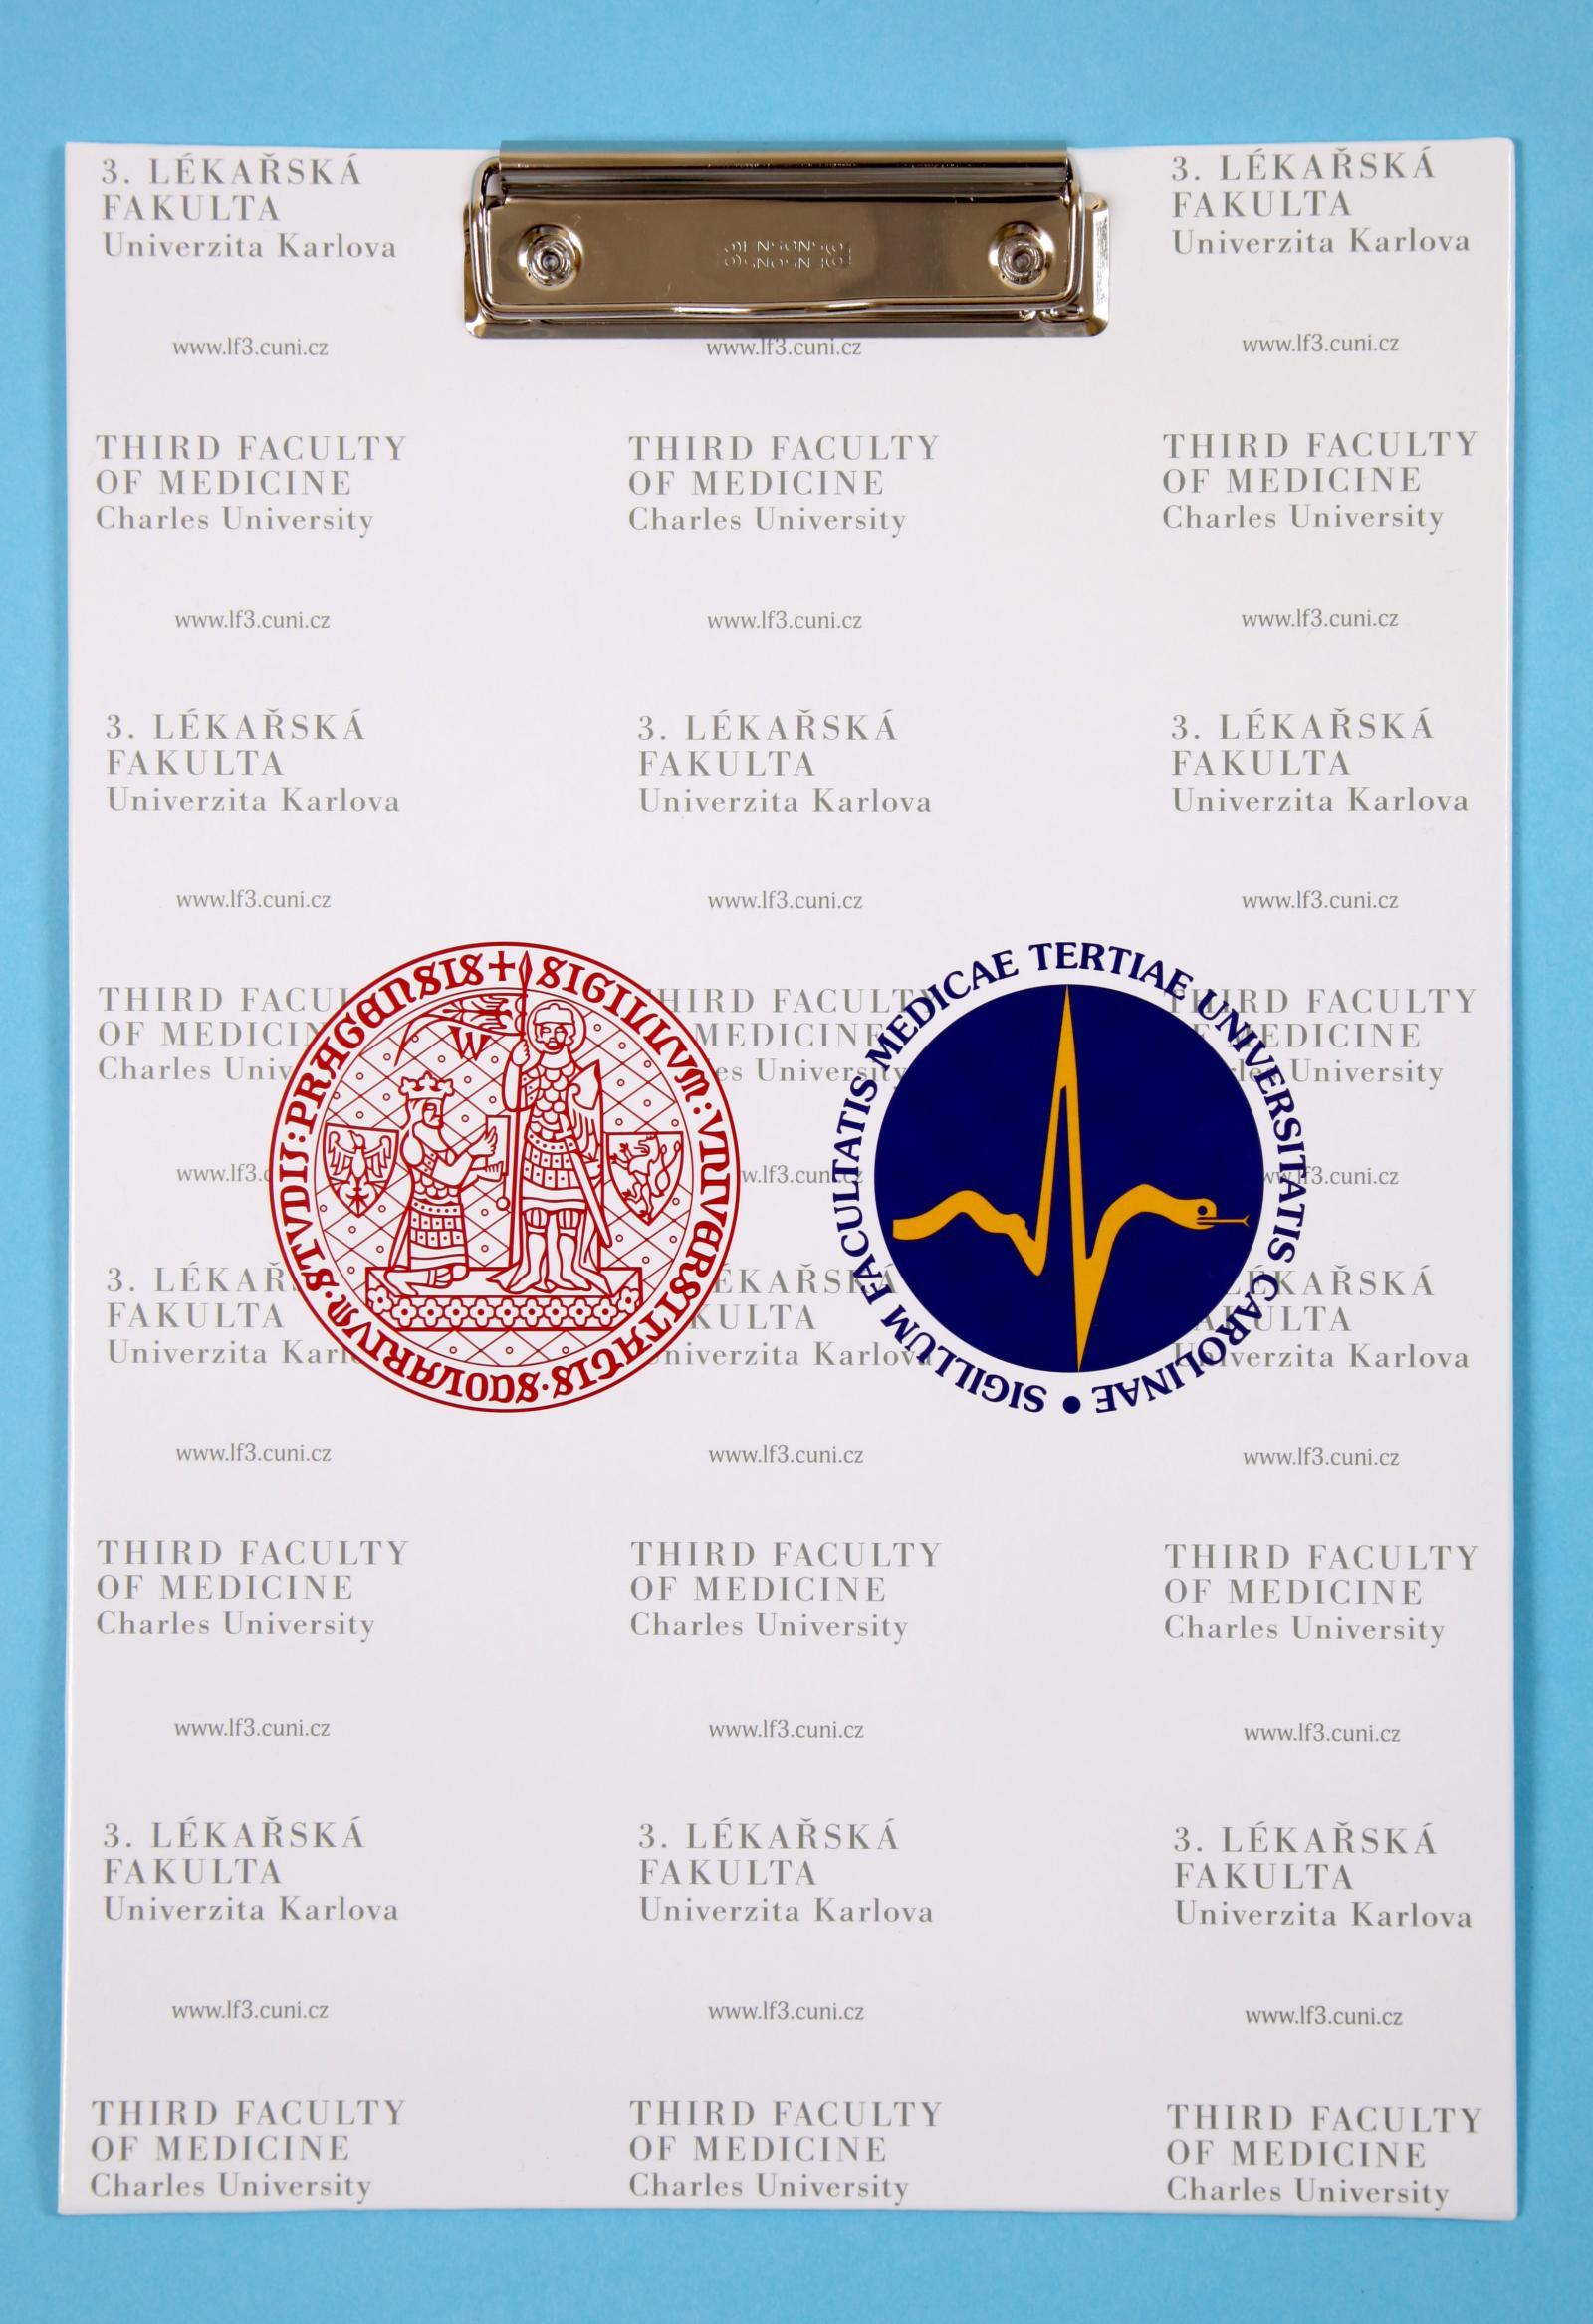 da7c612ef61 Propagační předměty 3. LF UK - 3. lékařská fakulta